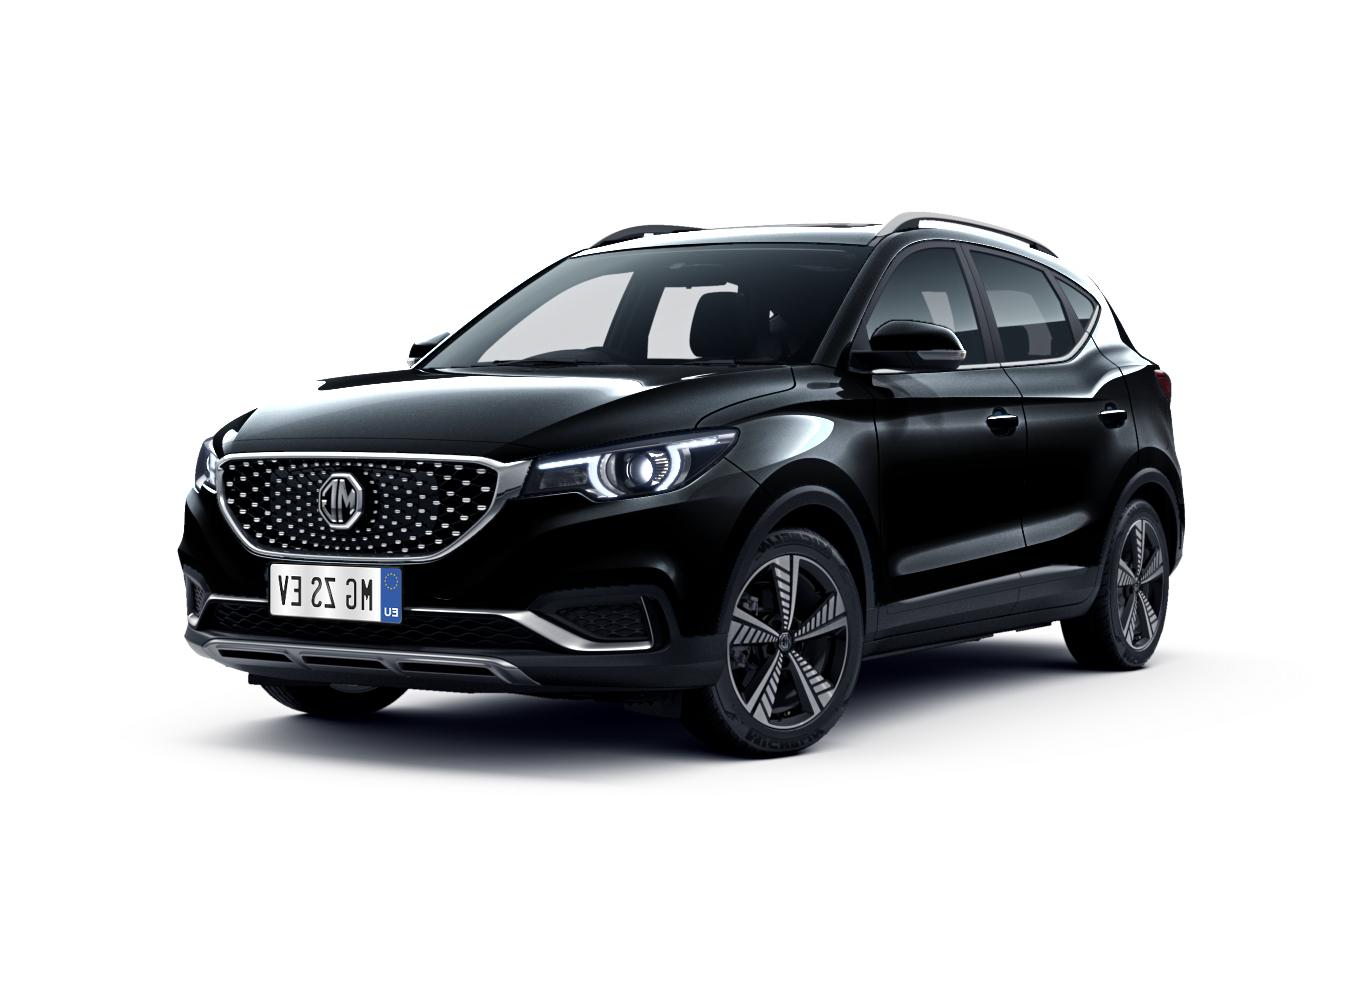 Auto Abo / Leasing Alternative // 6M 289€ p.M.all inkl.Versicherung// 0€ Haustürlieferung // E-Auto SUV : MG ZS mit ~335km Reichweite